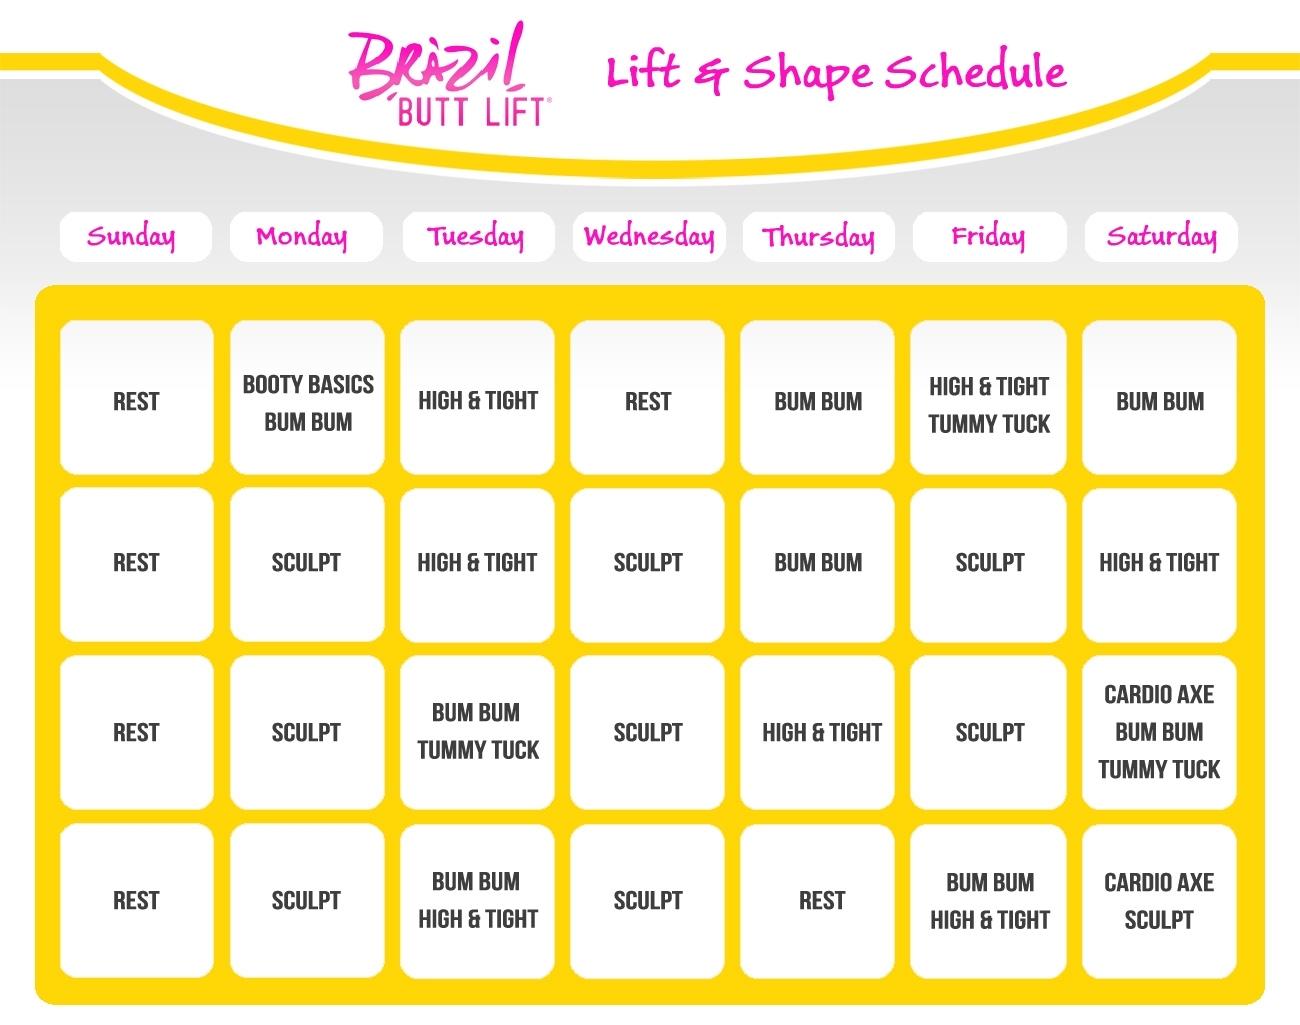 Brazilian Butt Lift Workout Schedule | Slim In 6 Calendar